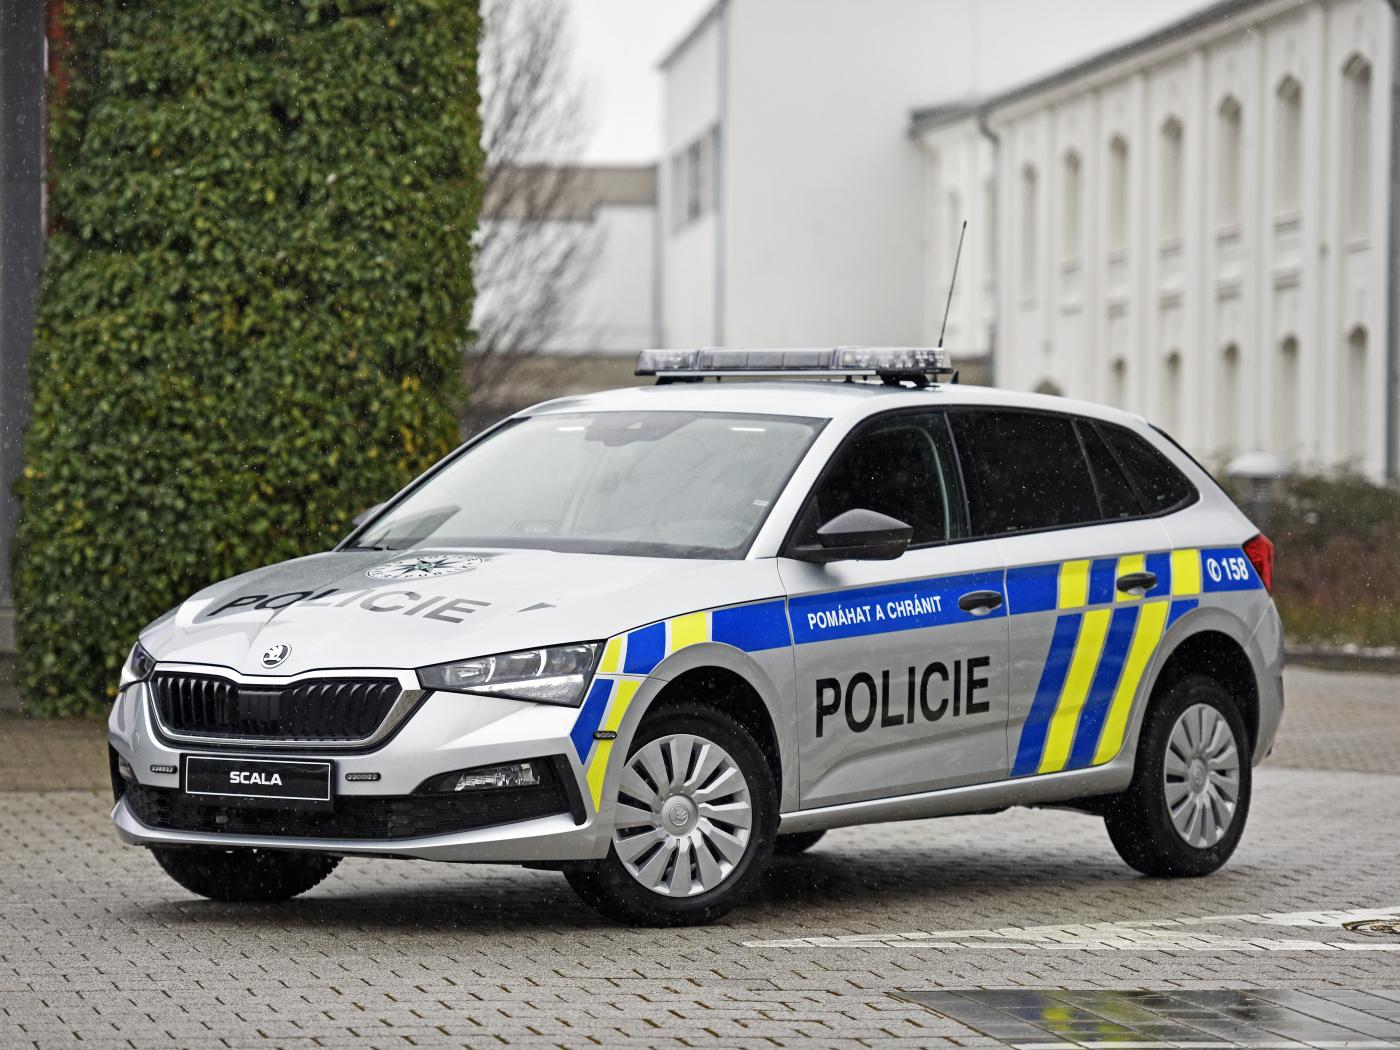 Policisté budou jezdit modely Škoda Scala, byly nejlevnější